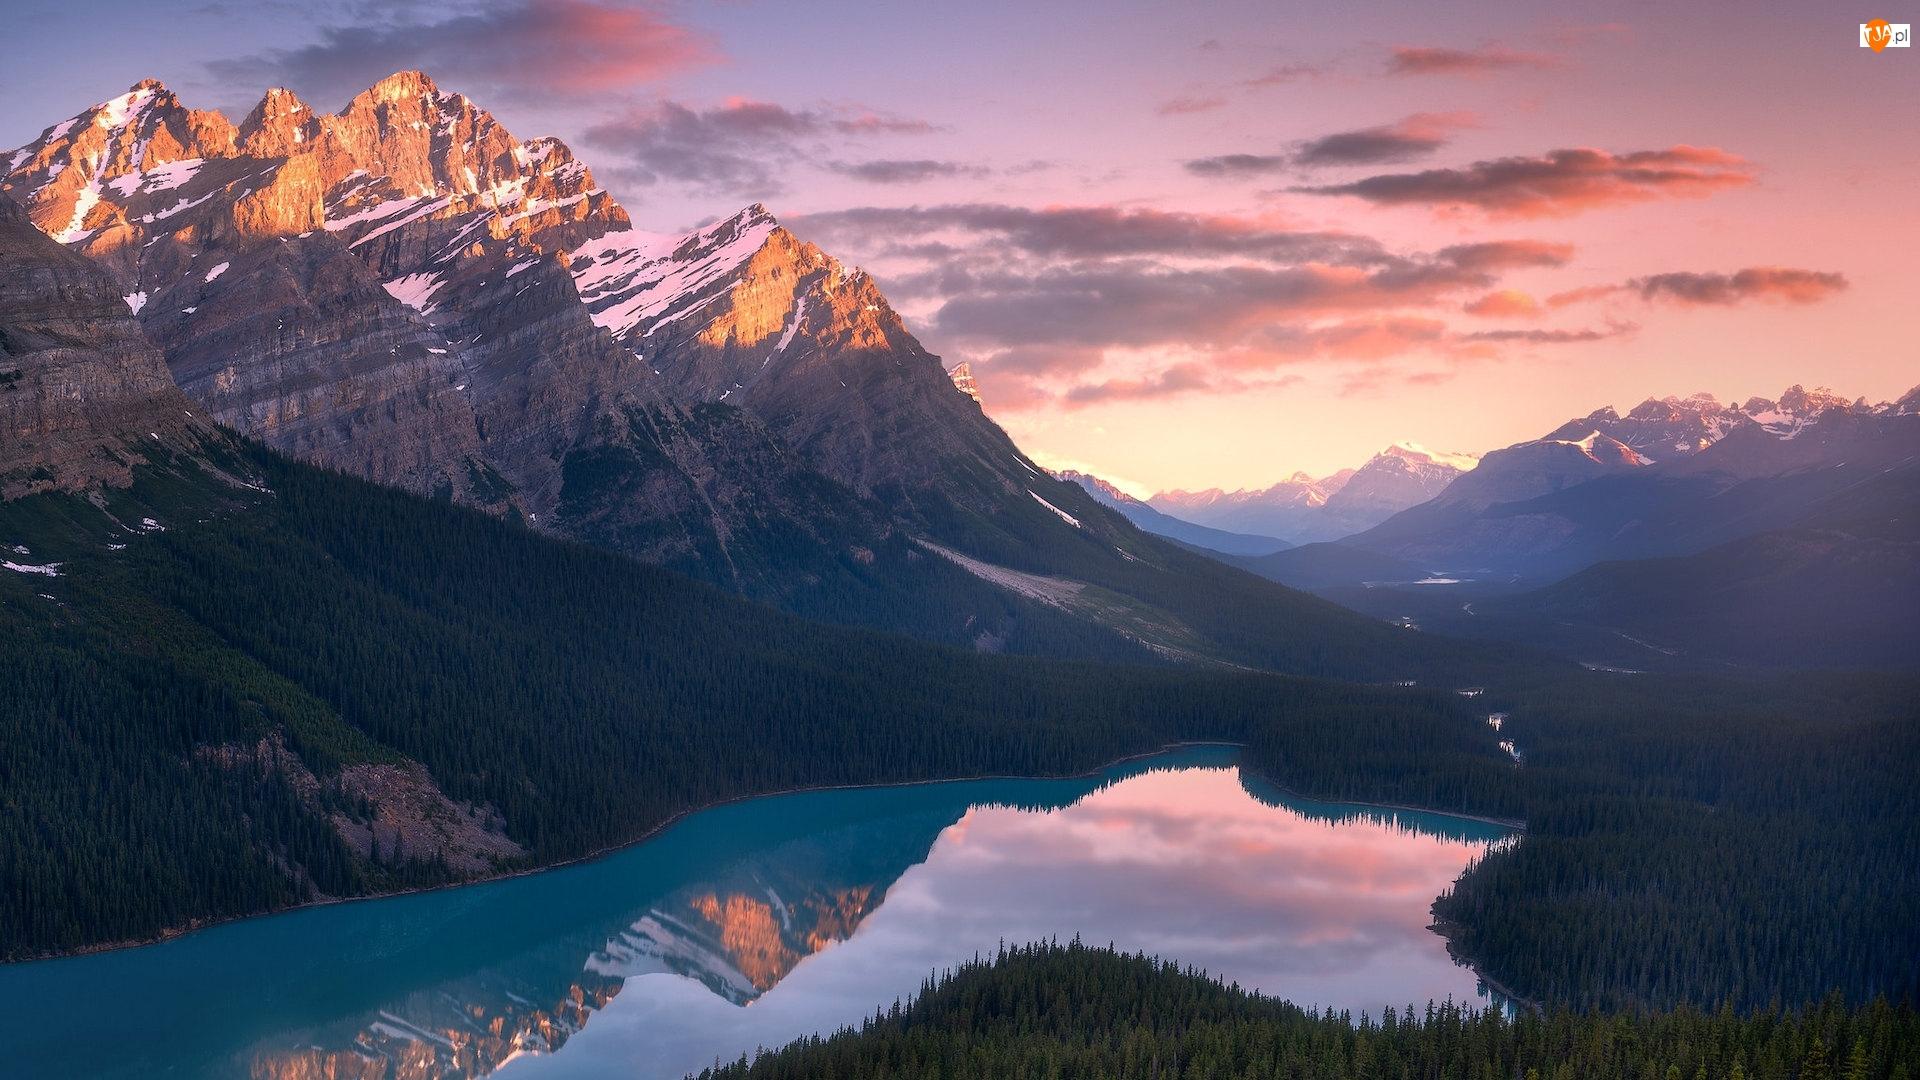 Odbicie, Park Narodowy Banff, Chmury, Canadian Rockies, Lasy, Jezioro, Peyto Lake, Kanada, Góry